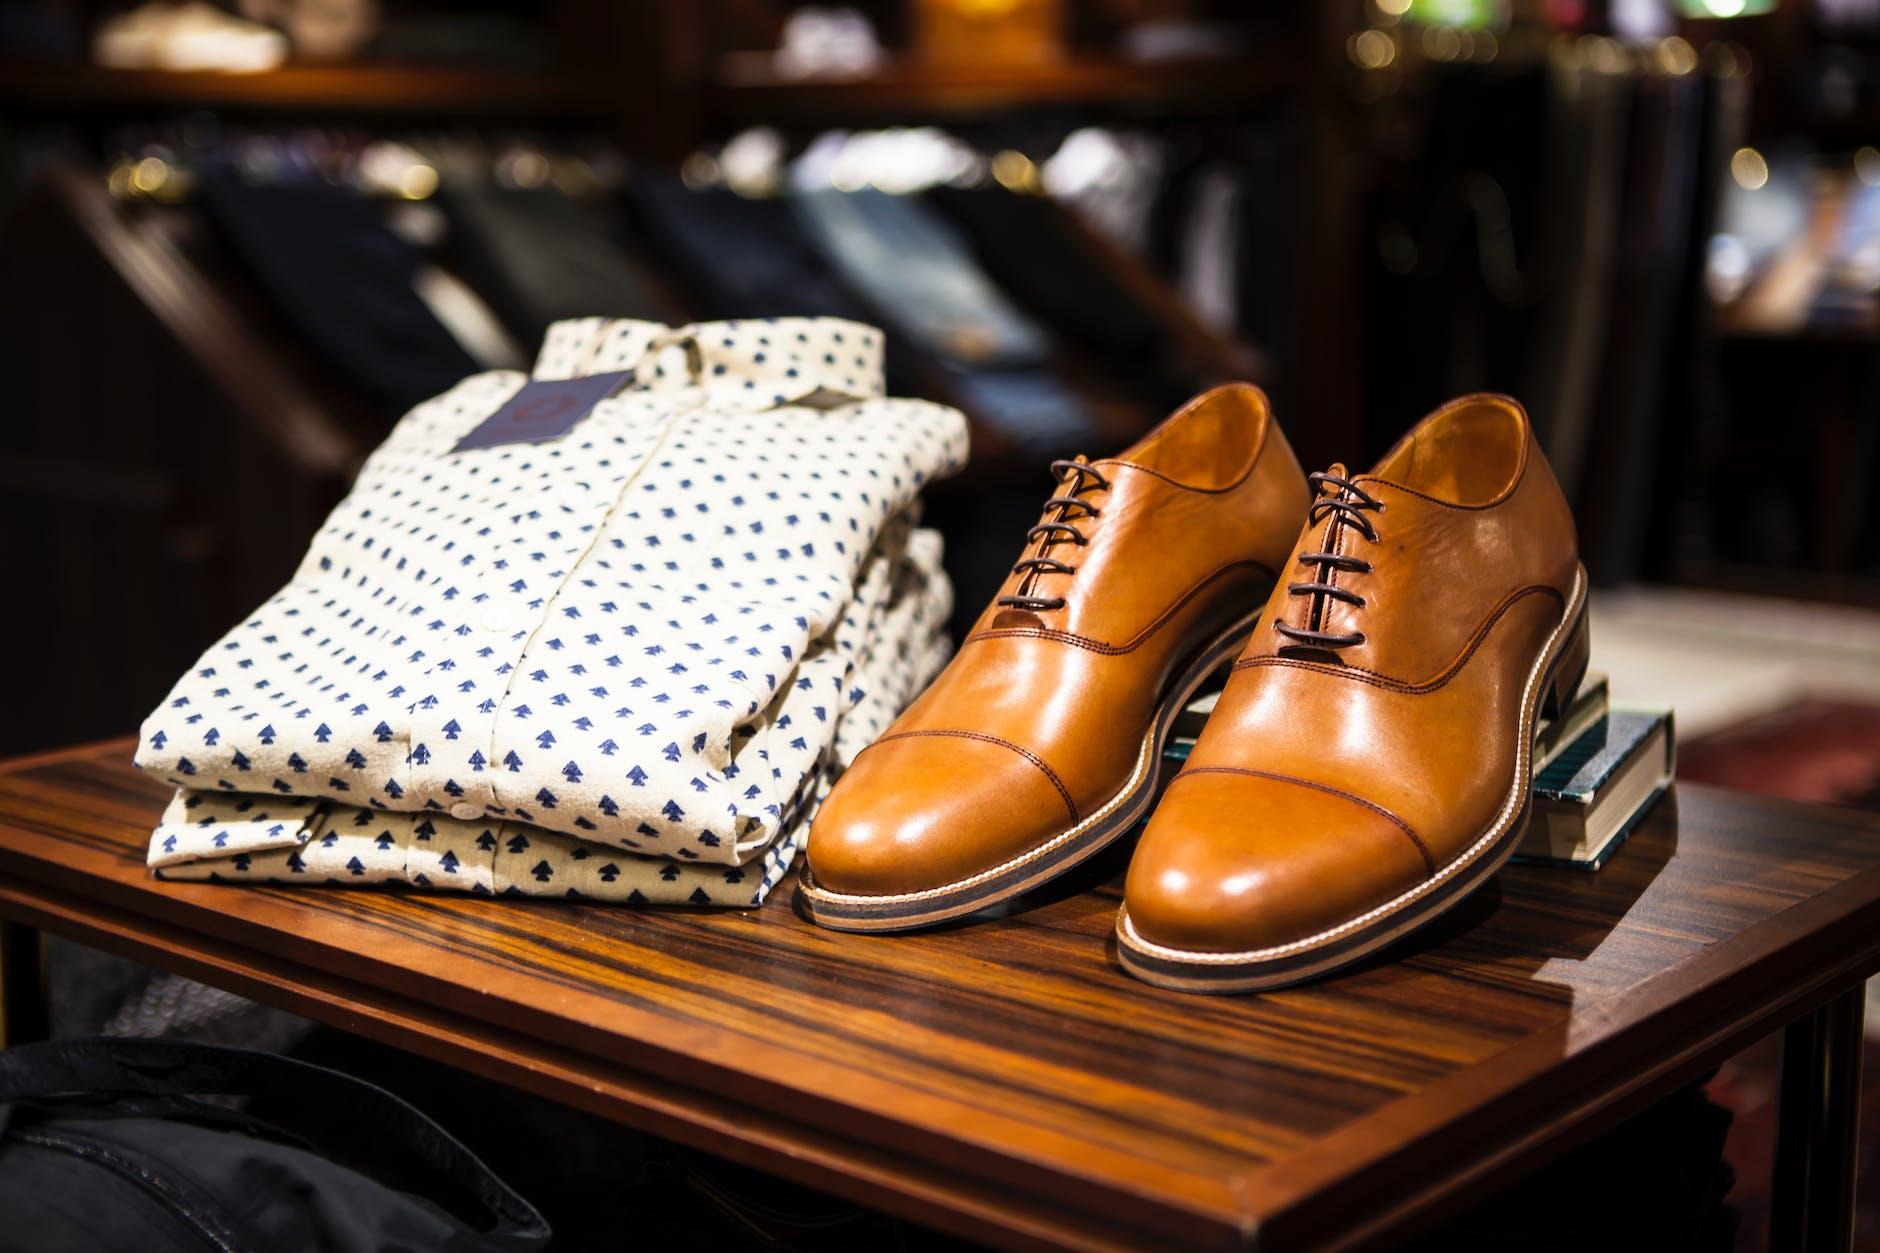 divat fenntartható fast fashion kölcsönzés